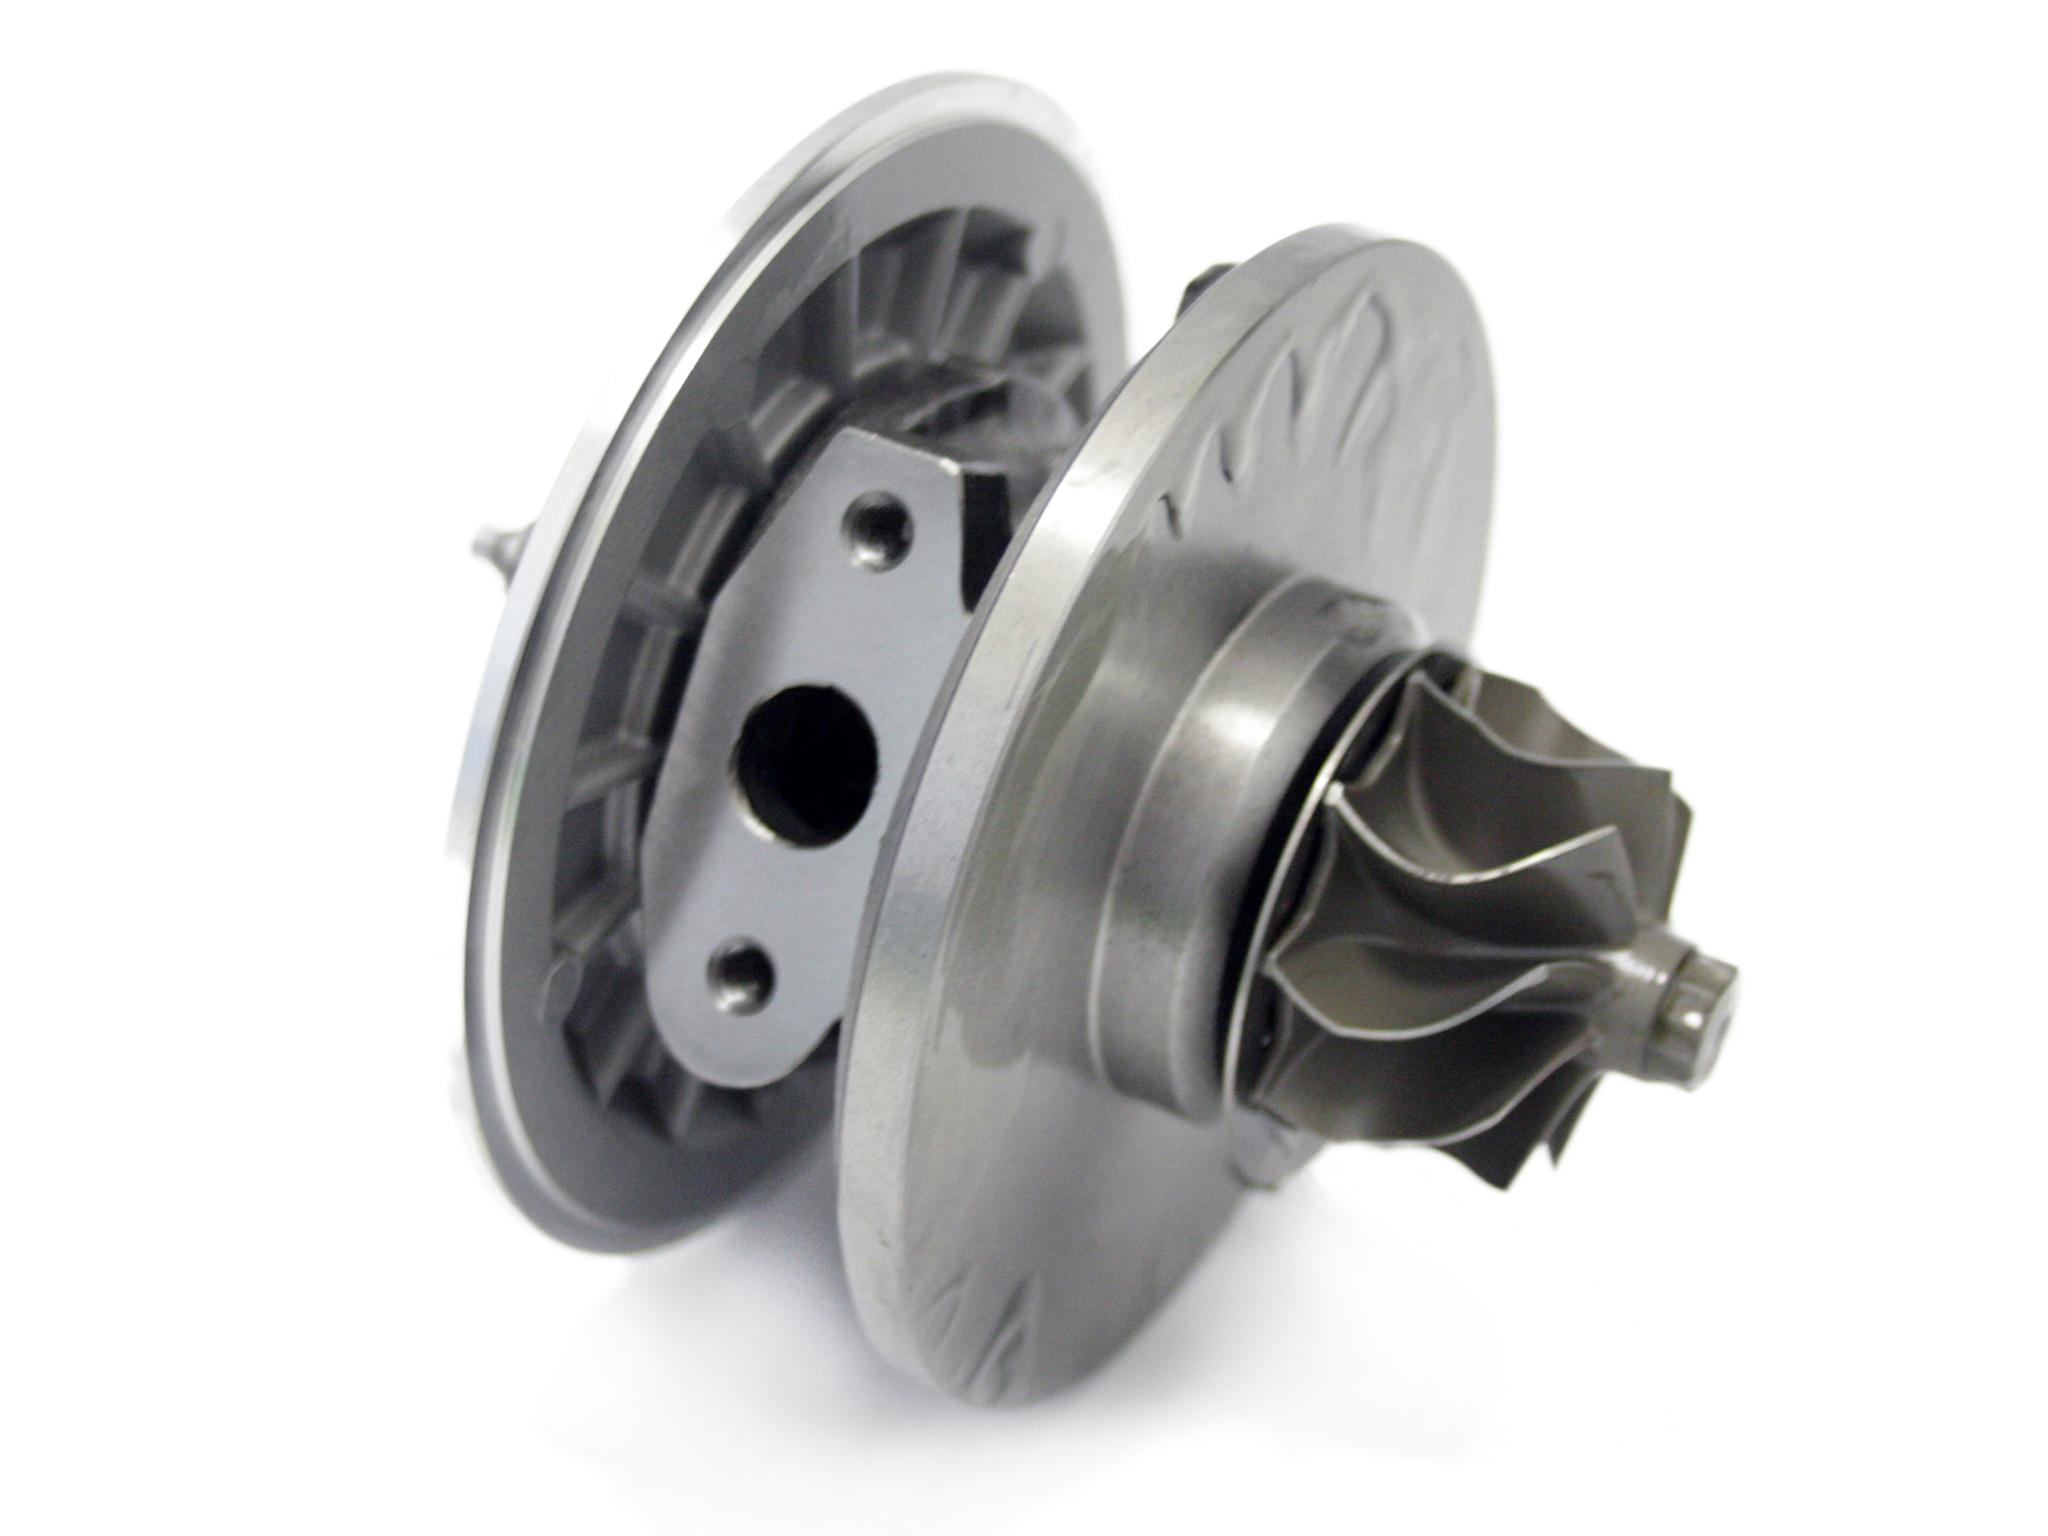 Картридж турбины GT1749MV Альфа Ромео 159 1.9 JTDM 120 л.с.